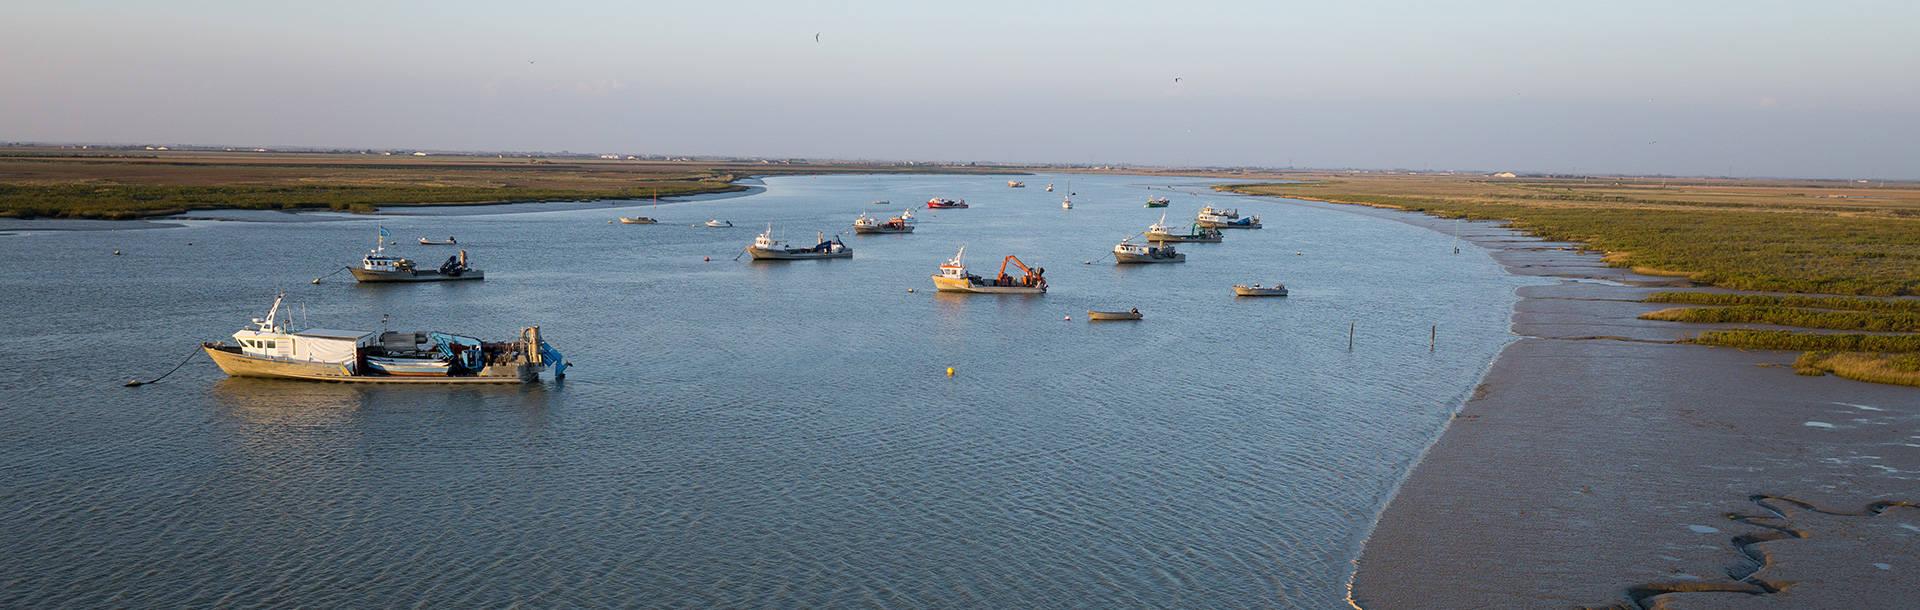 Bateaux de pêche dans la baie de l'Aiguillon, paysage du Marais poitevin